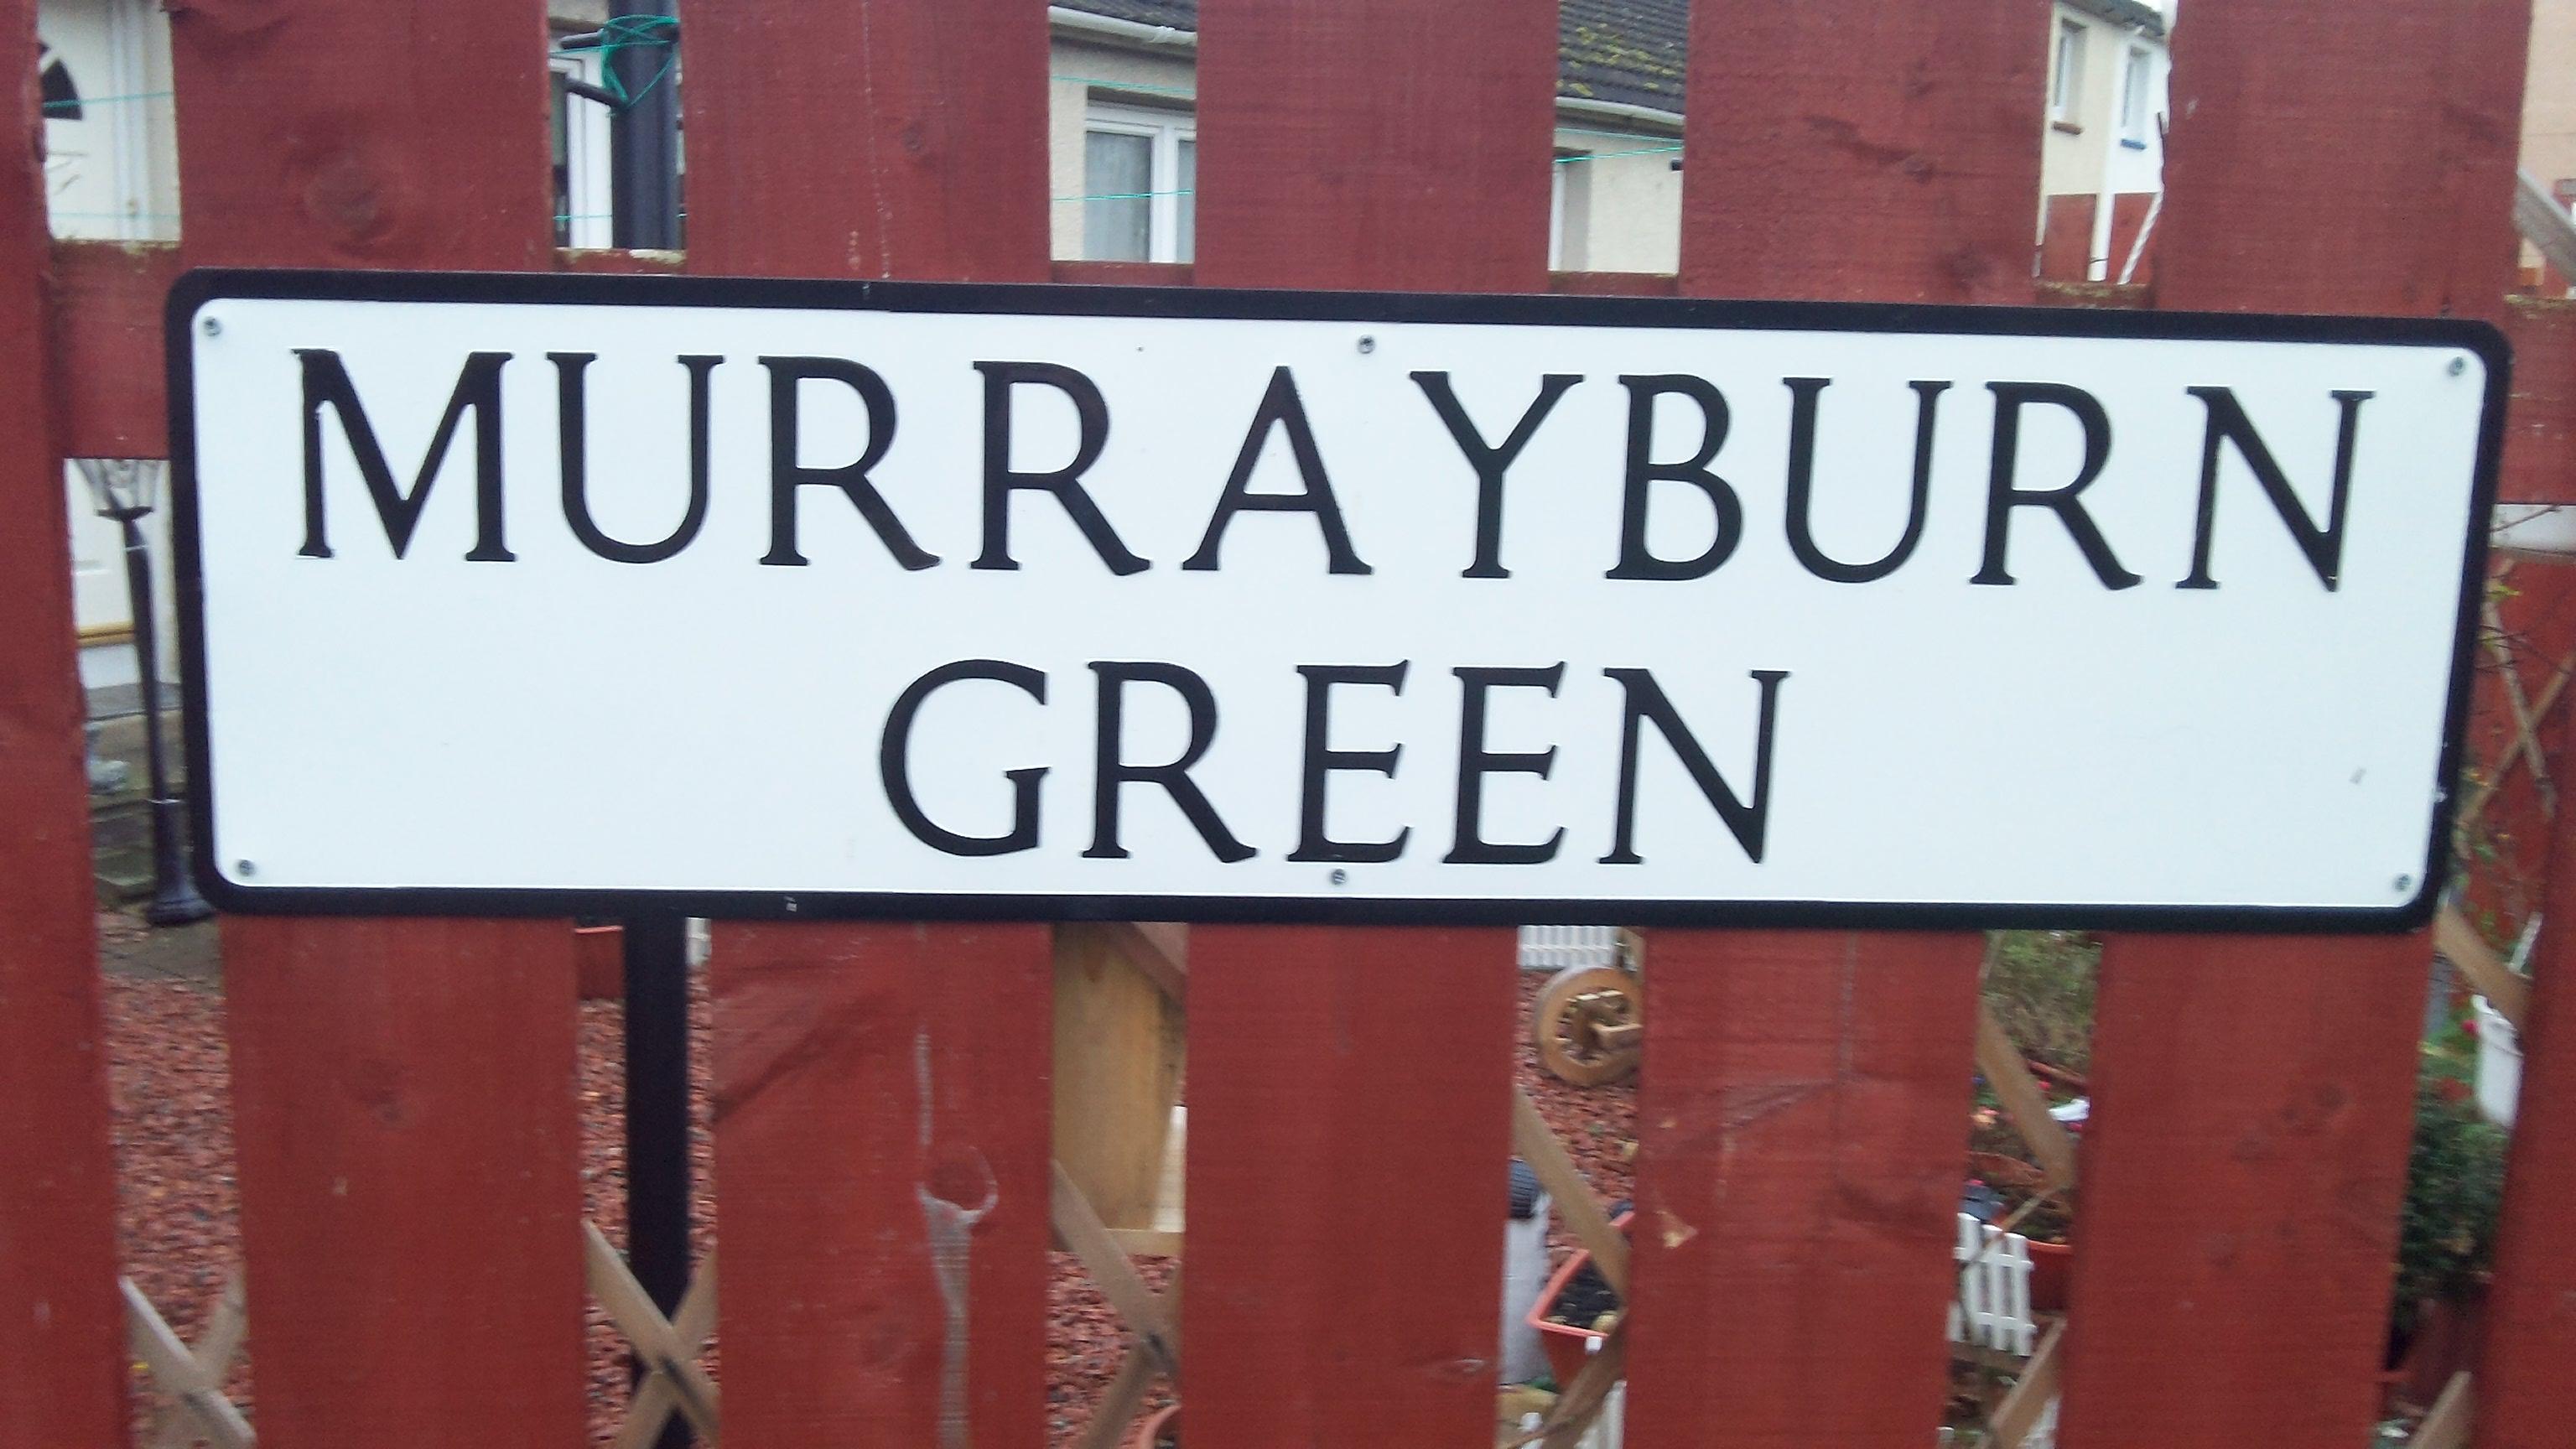 Murrayburn Green Sign